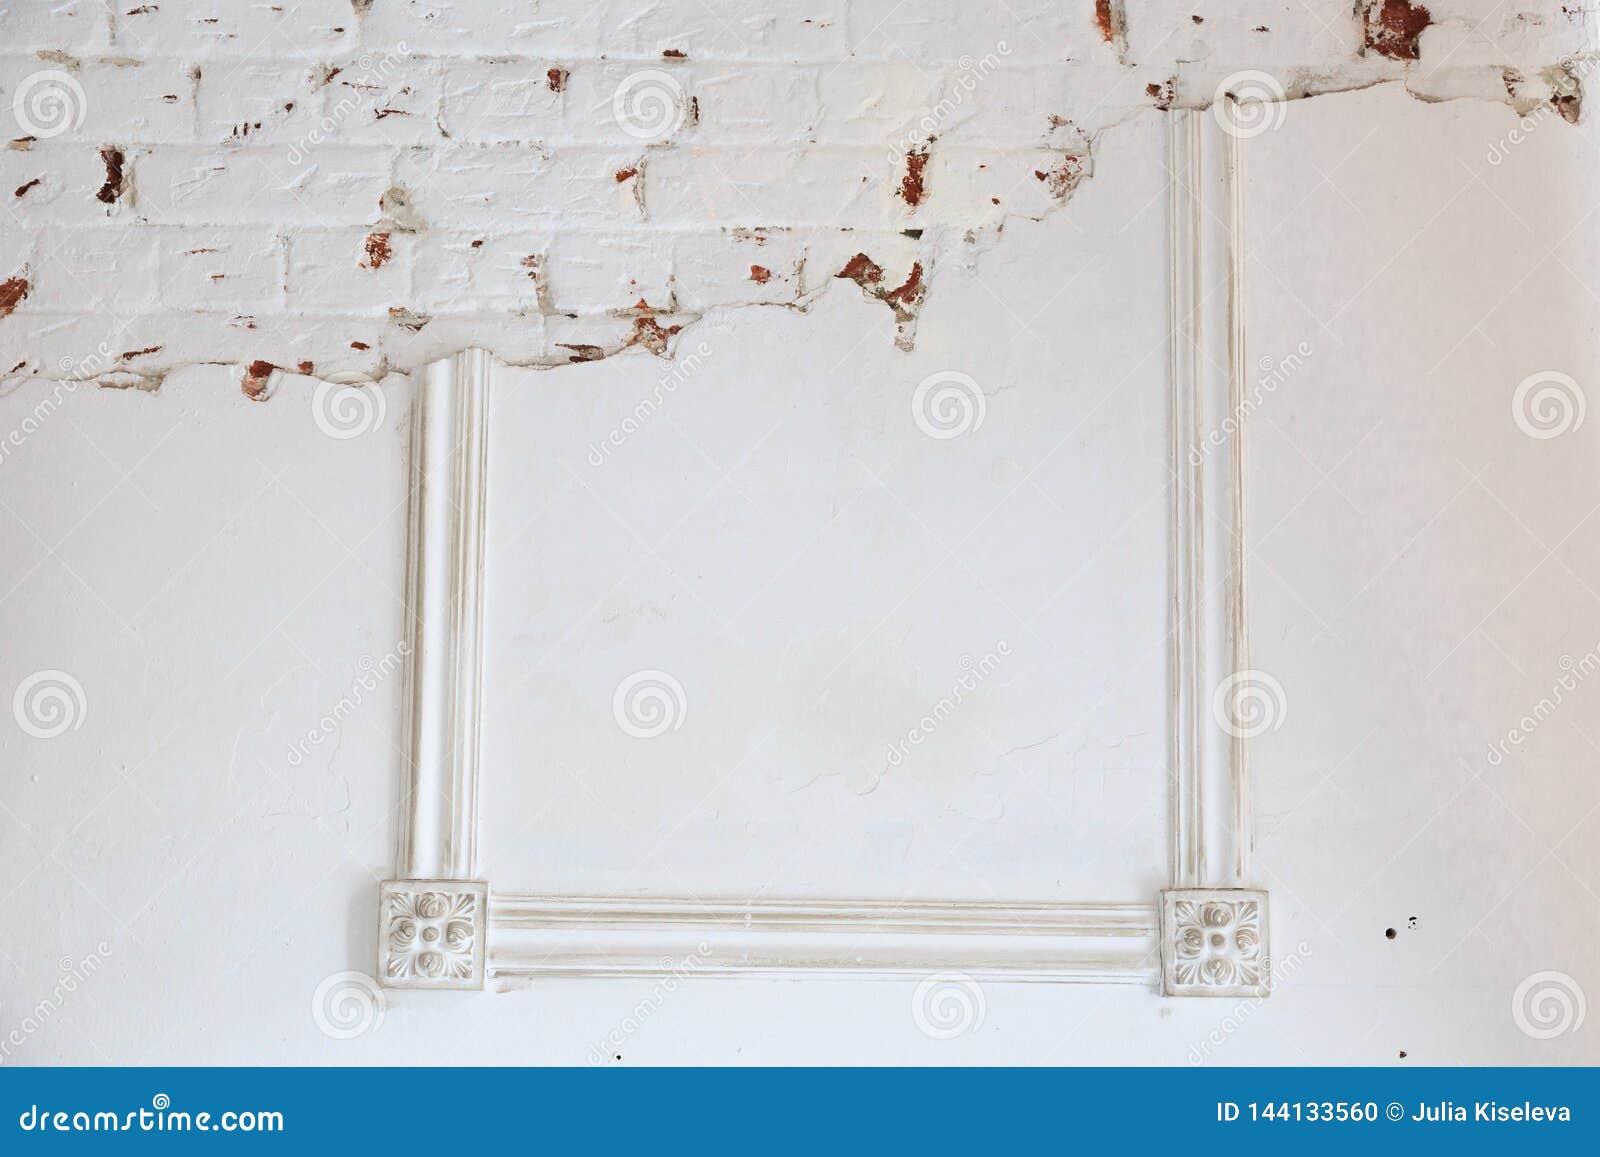 Leeg kader op witte muur